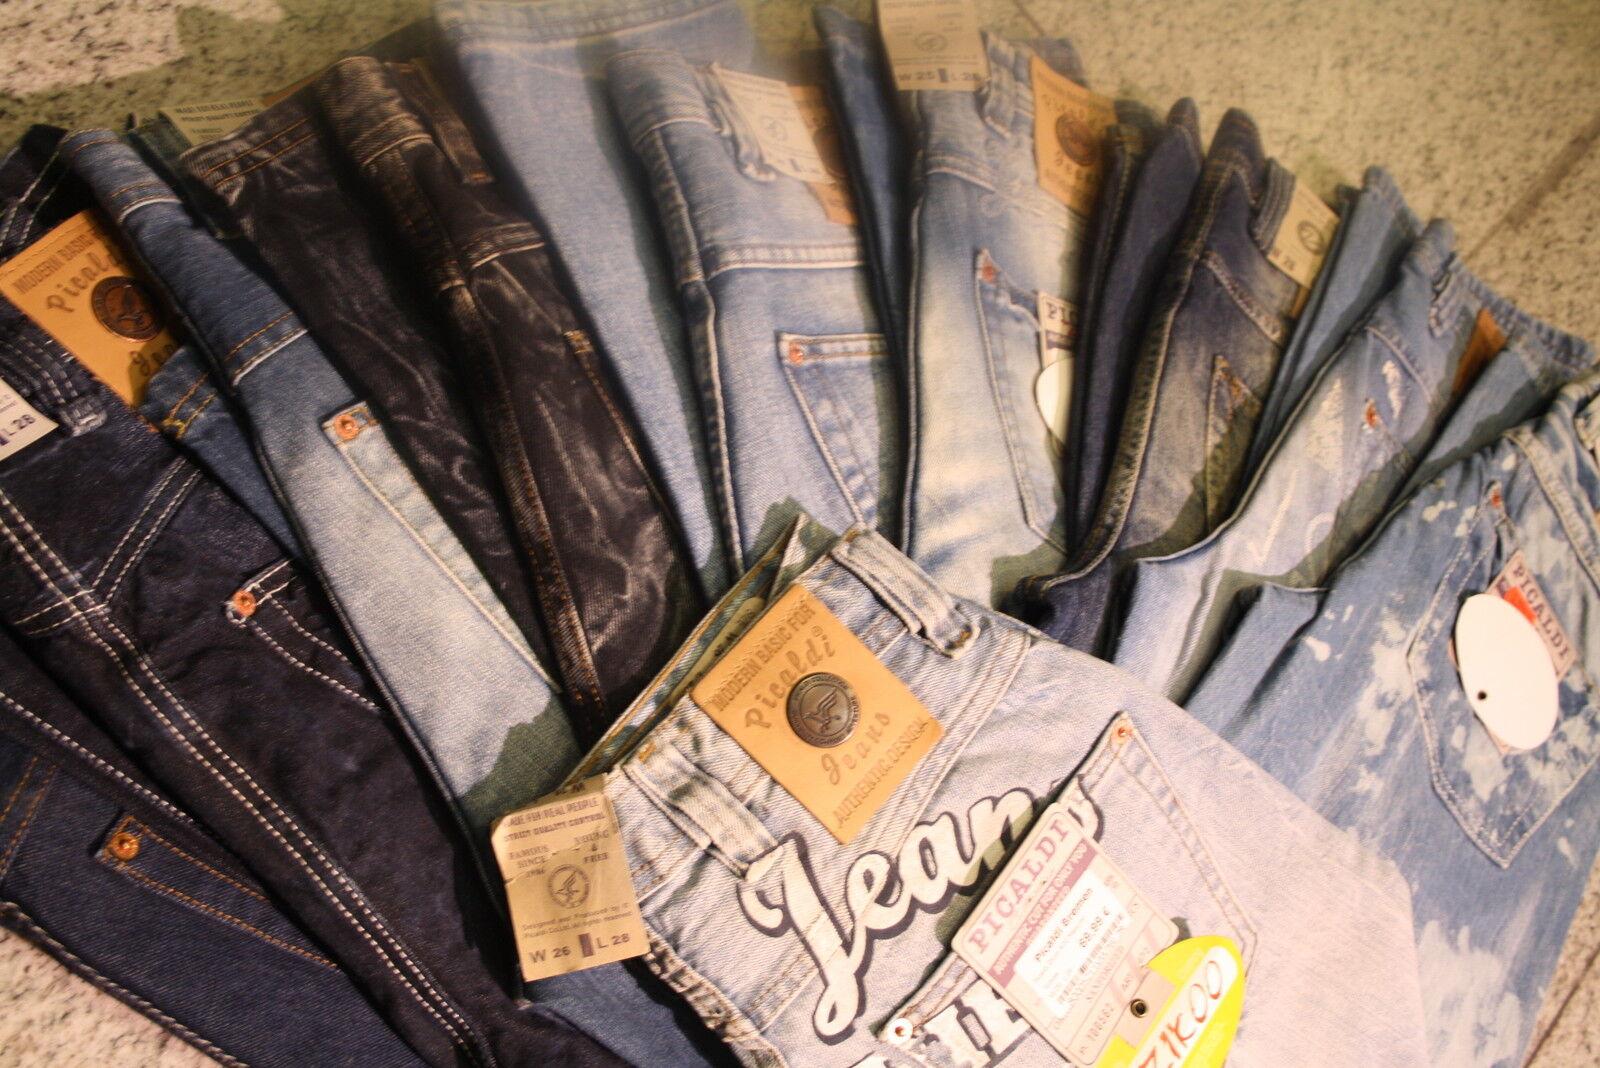 Picaldi Zicco Zicco Zicco 472 la raccolta di 10 jeans nuovo rimanenze della dimensioni speciali f8a501